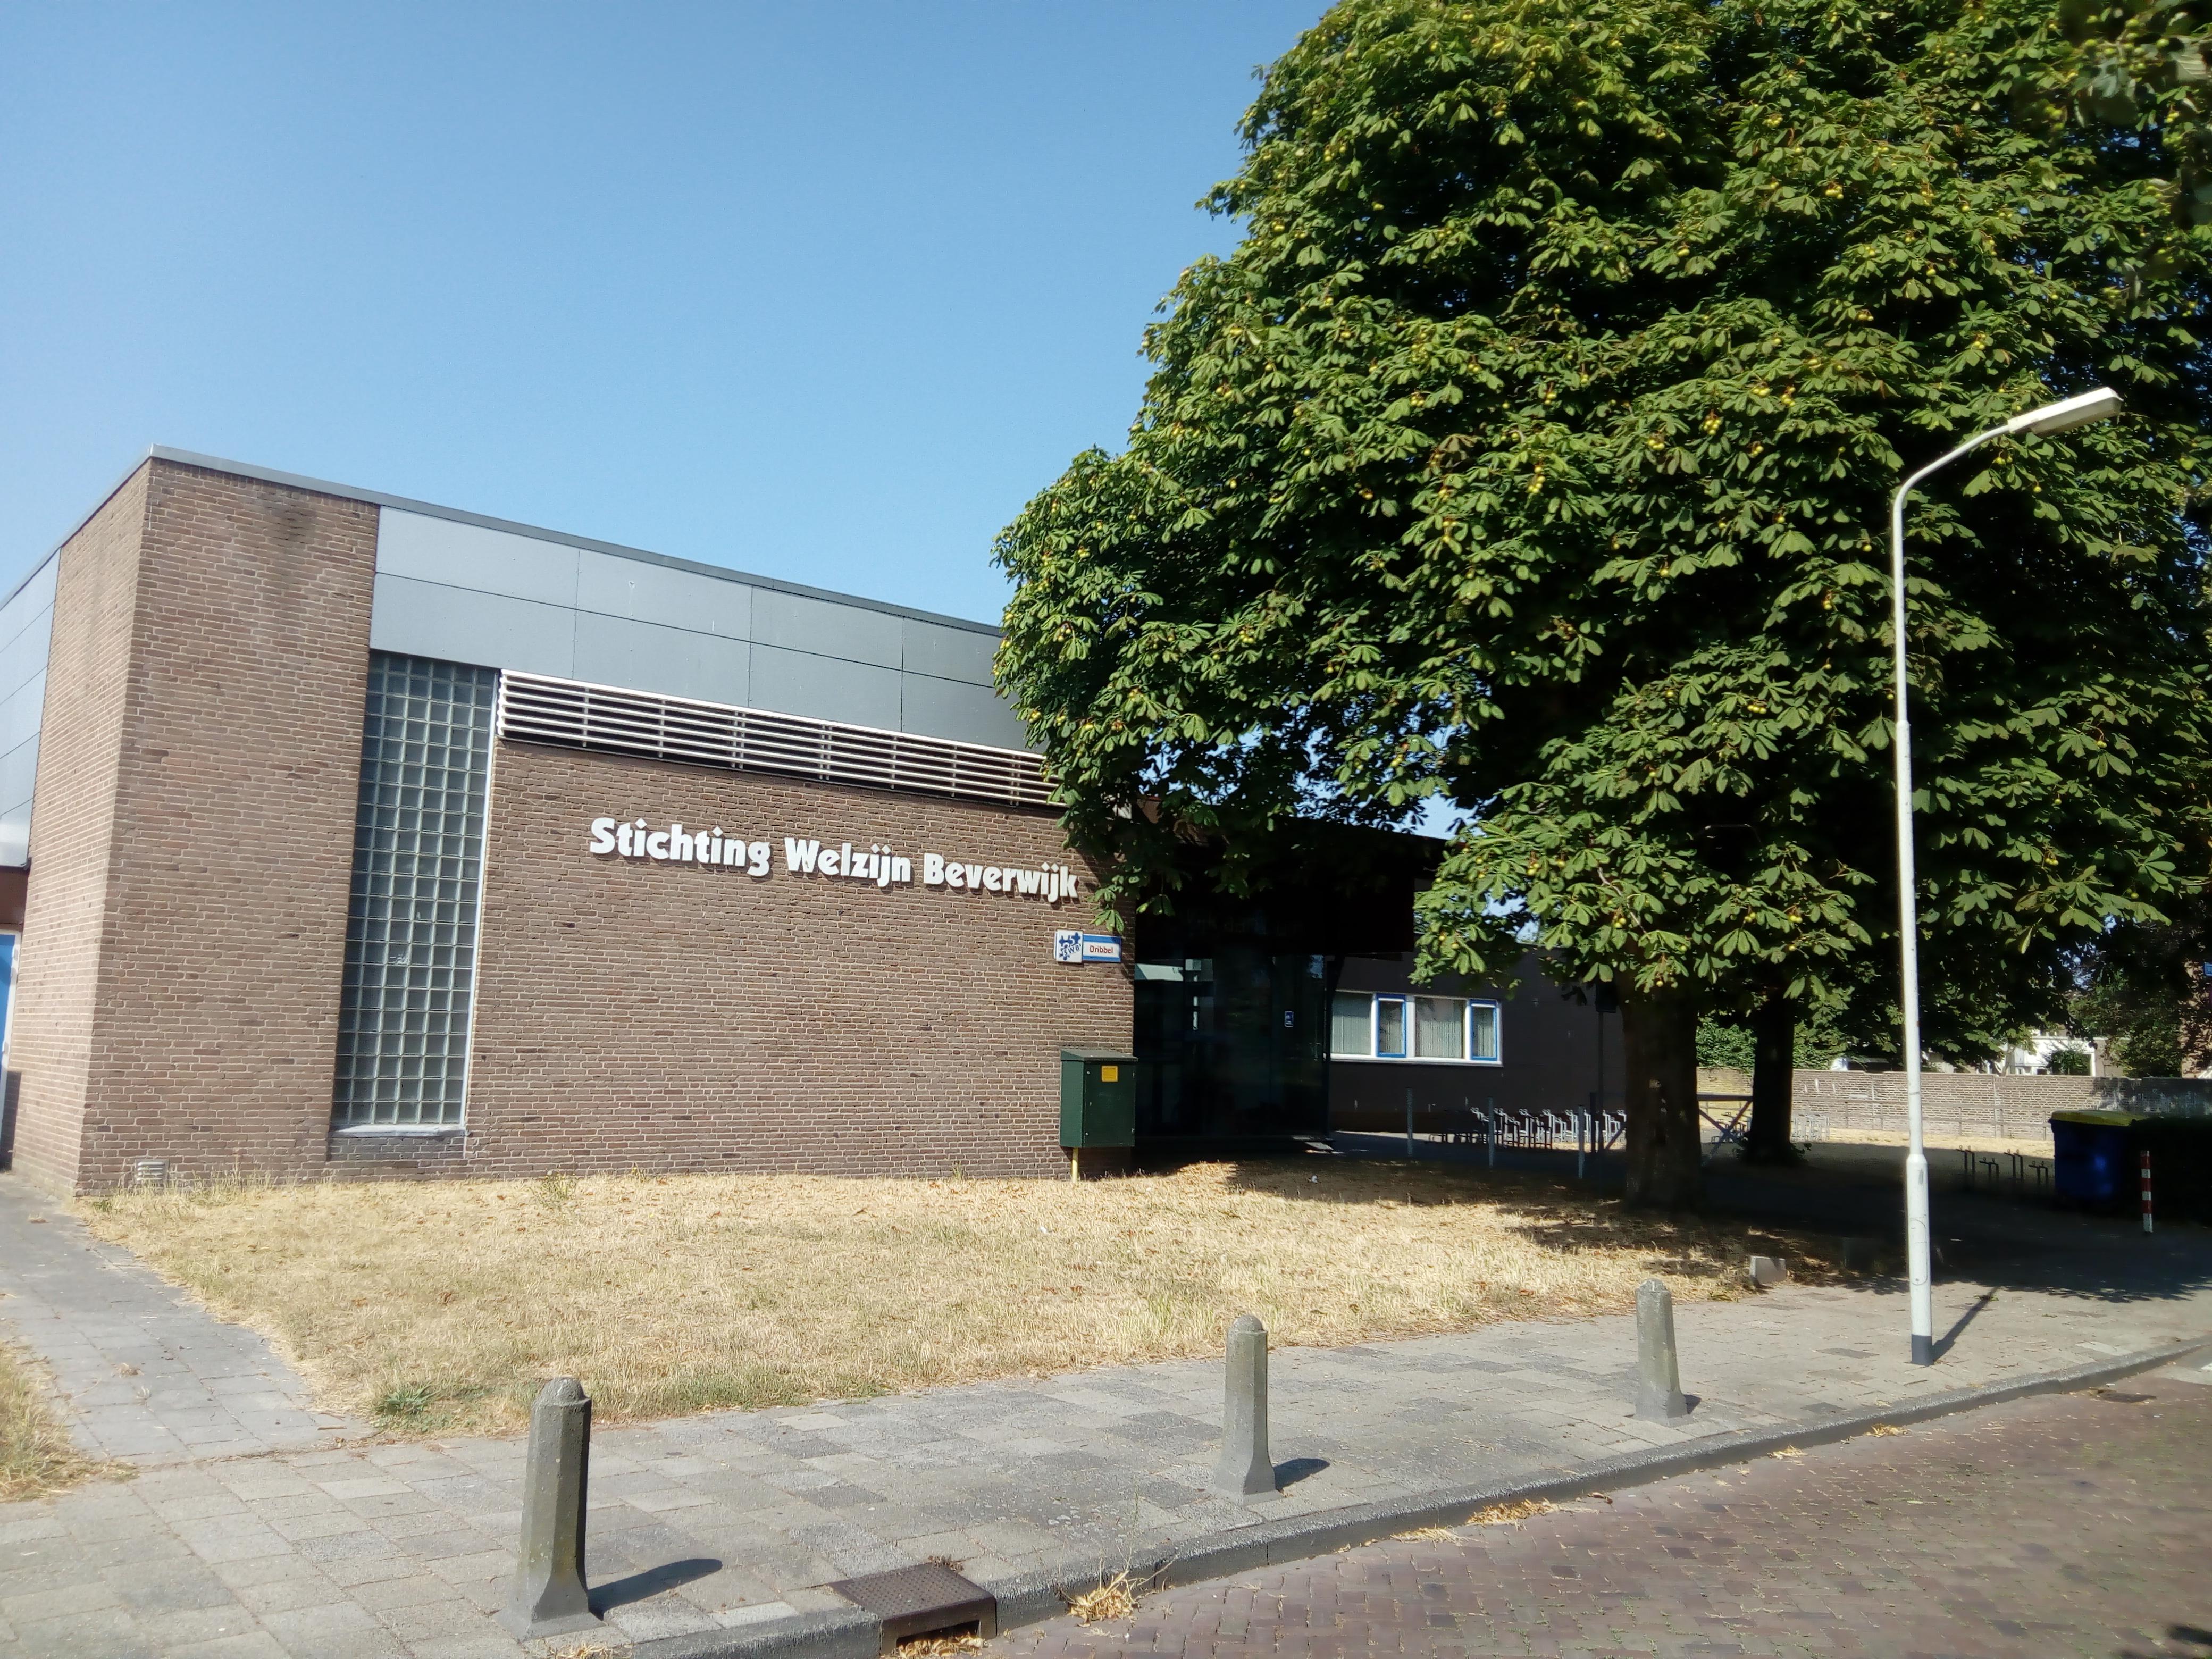 Raad positief over Stichting Welzijn Beverwijk